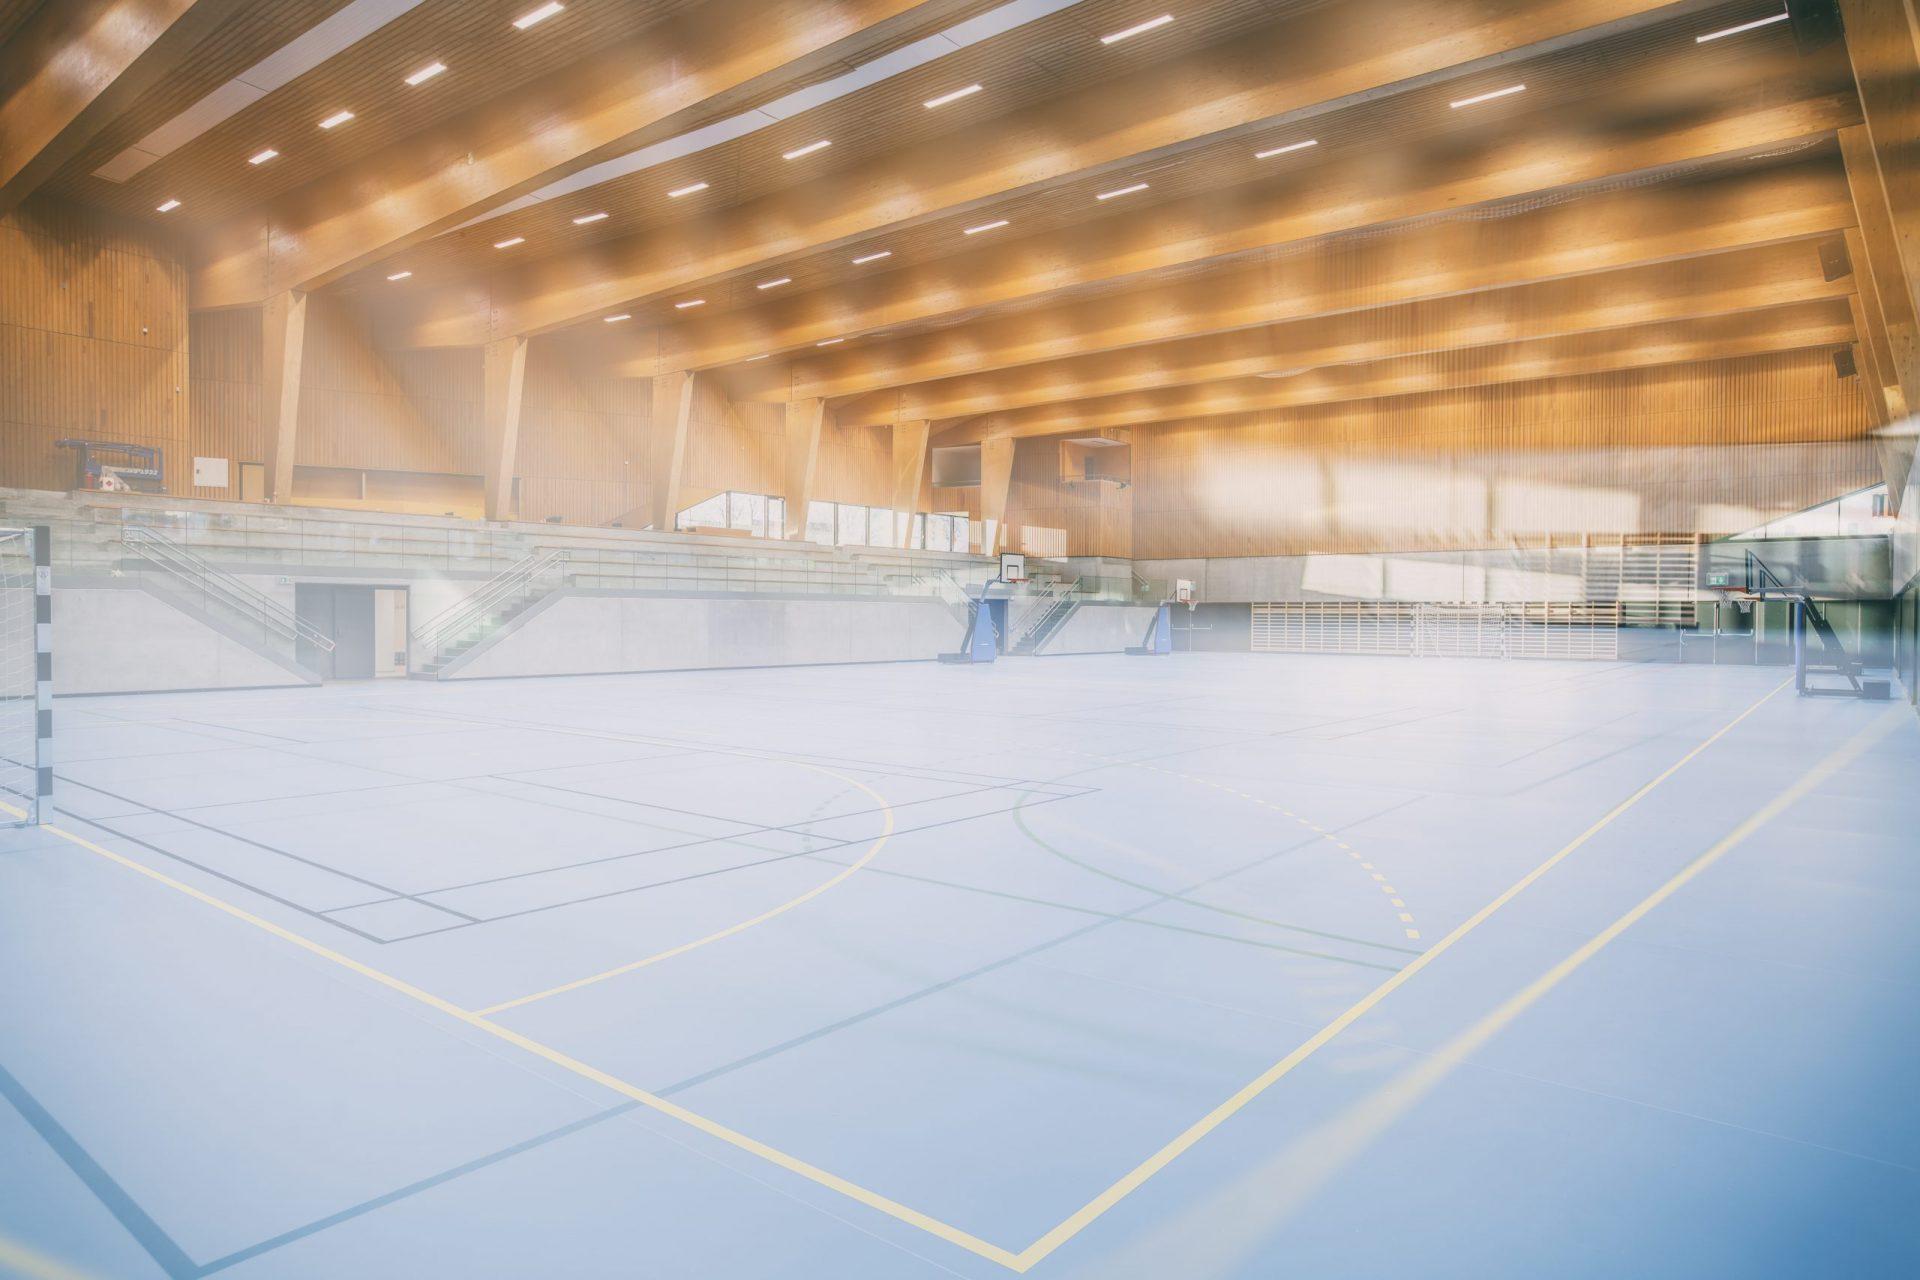 sport-ulstein-ulsteinvik-ulstein-arena-høddvoll-stadion